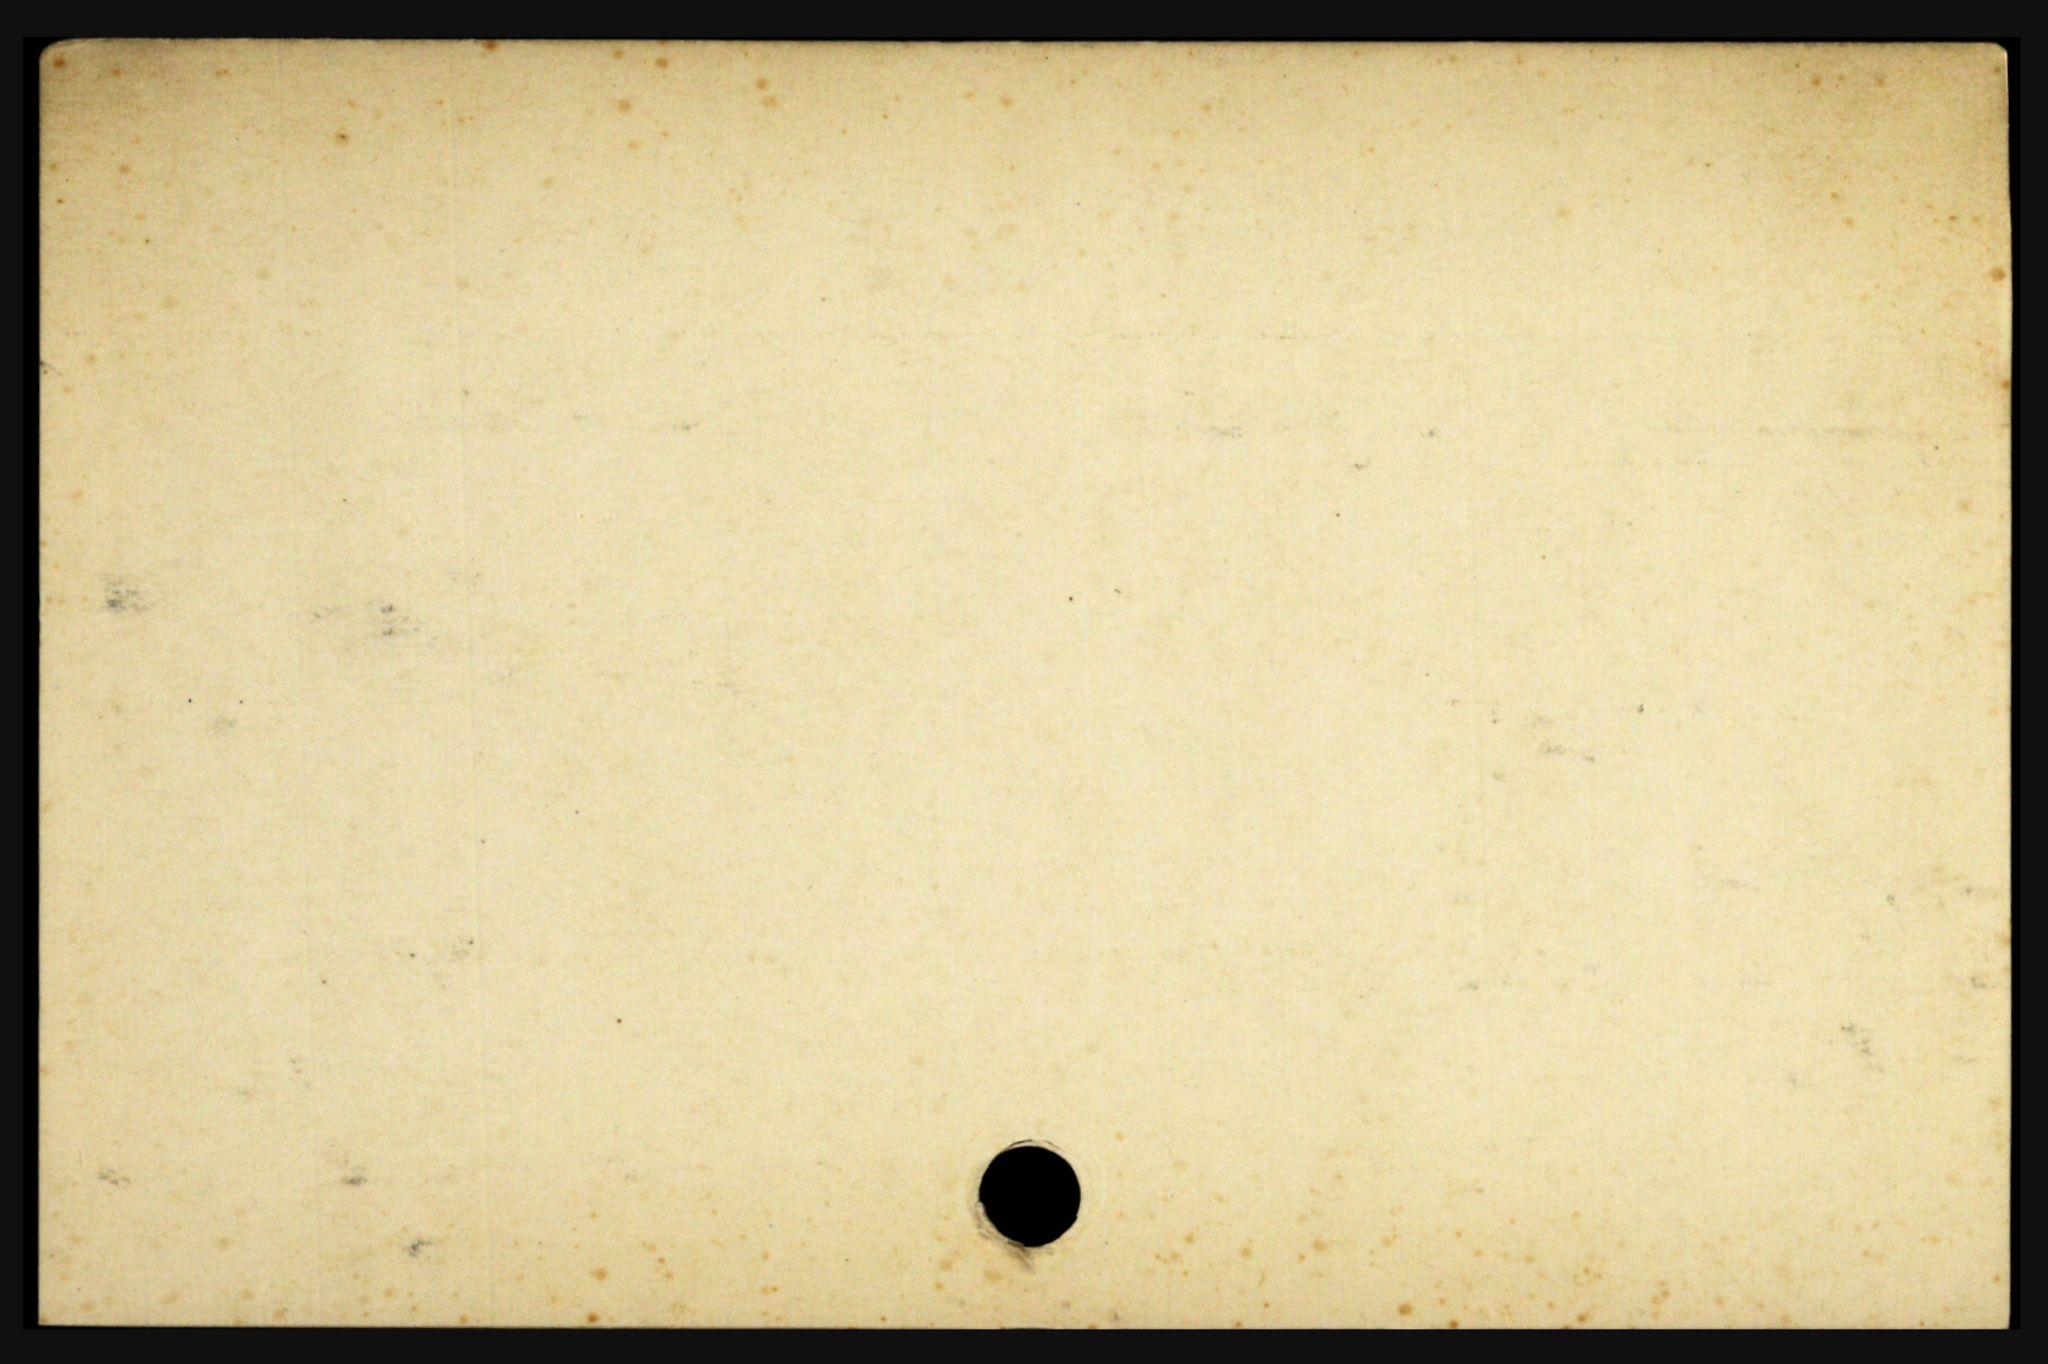 SAH, Sør-Gudbrandsdal tingrett, J, 1658-1885, s. 7008